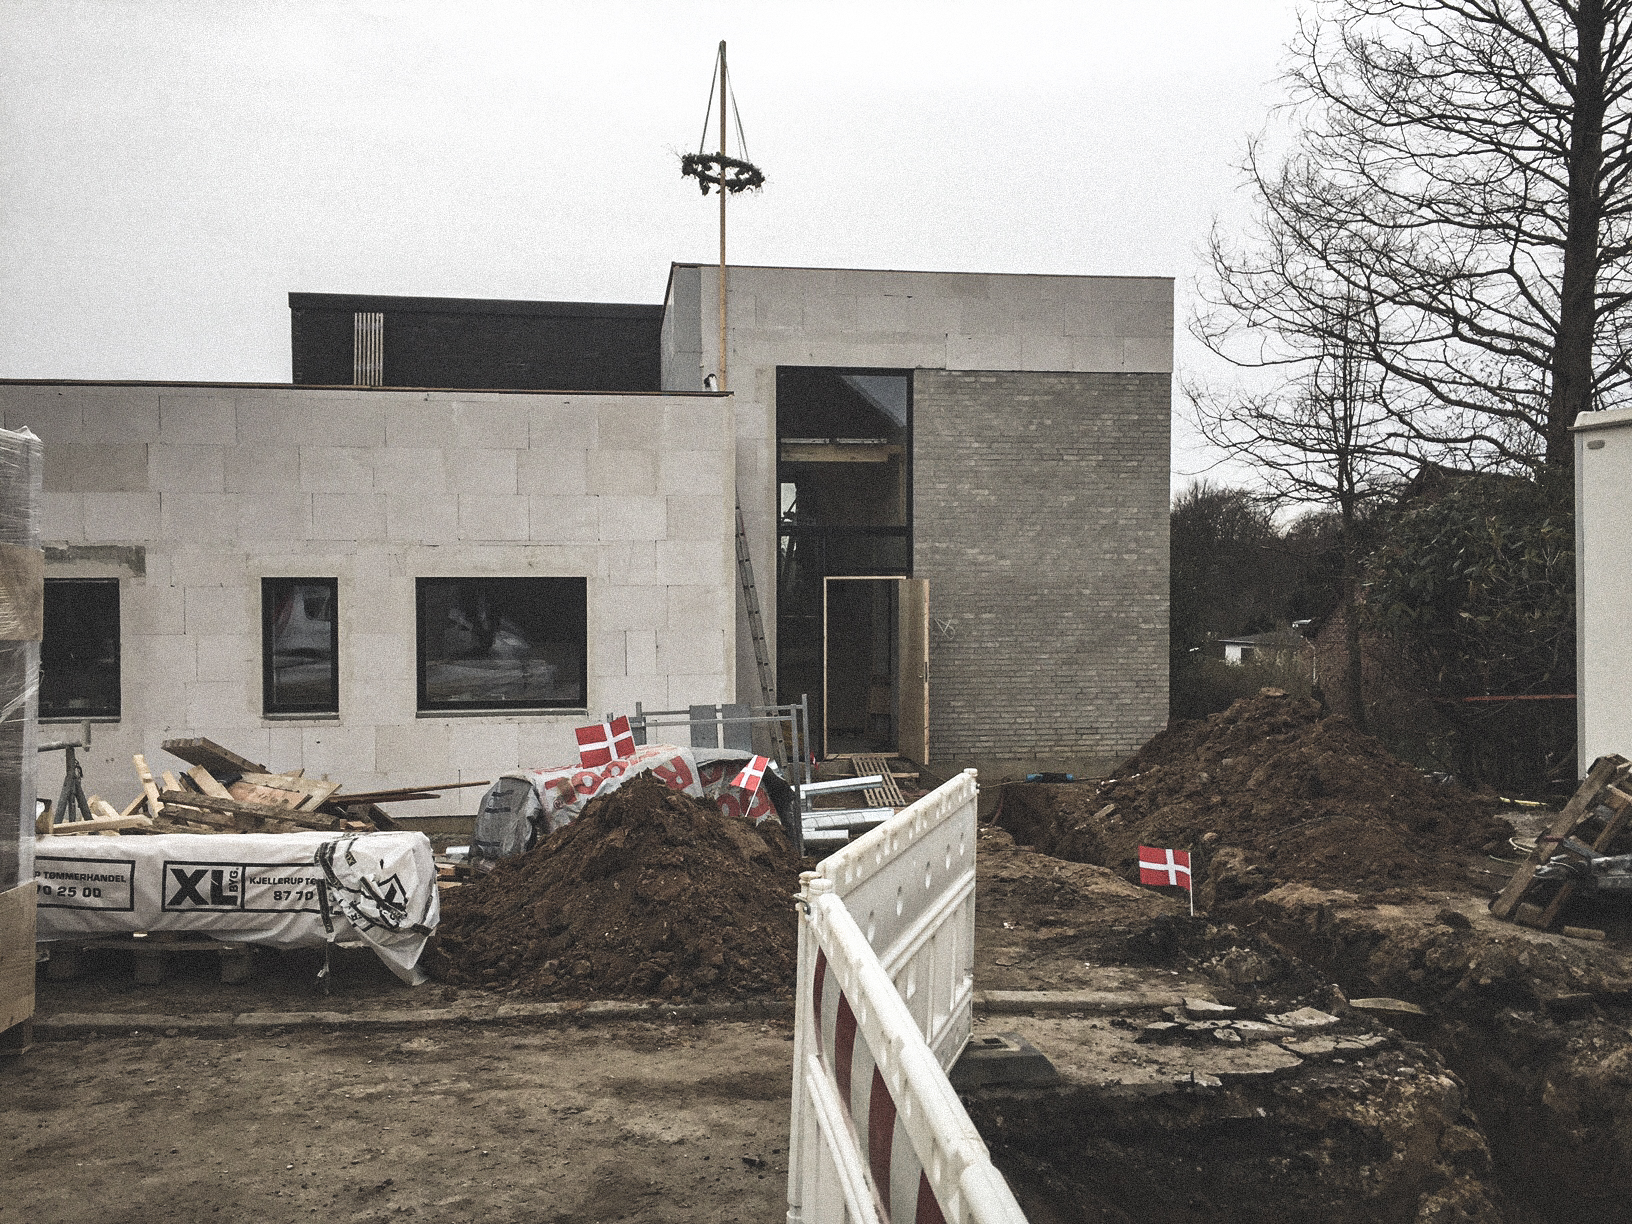 Billede af et igangværende byggeri i Højbjerg, tegnet af arkitektfirmaet m2plus.